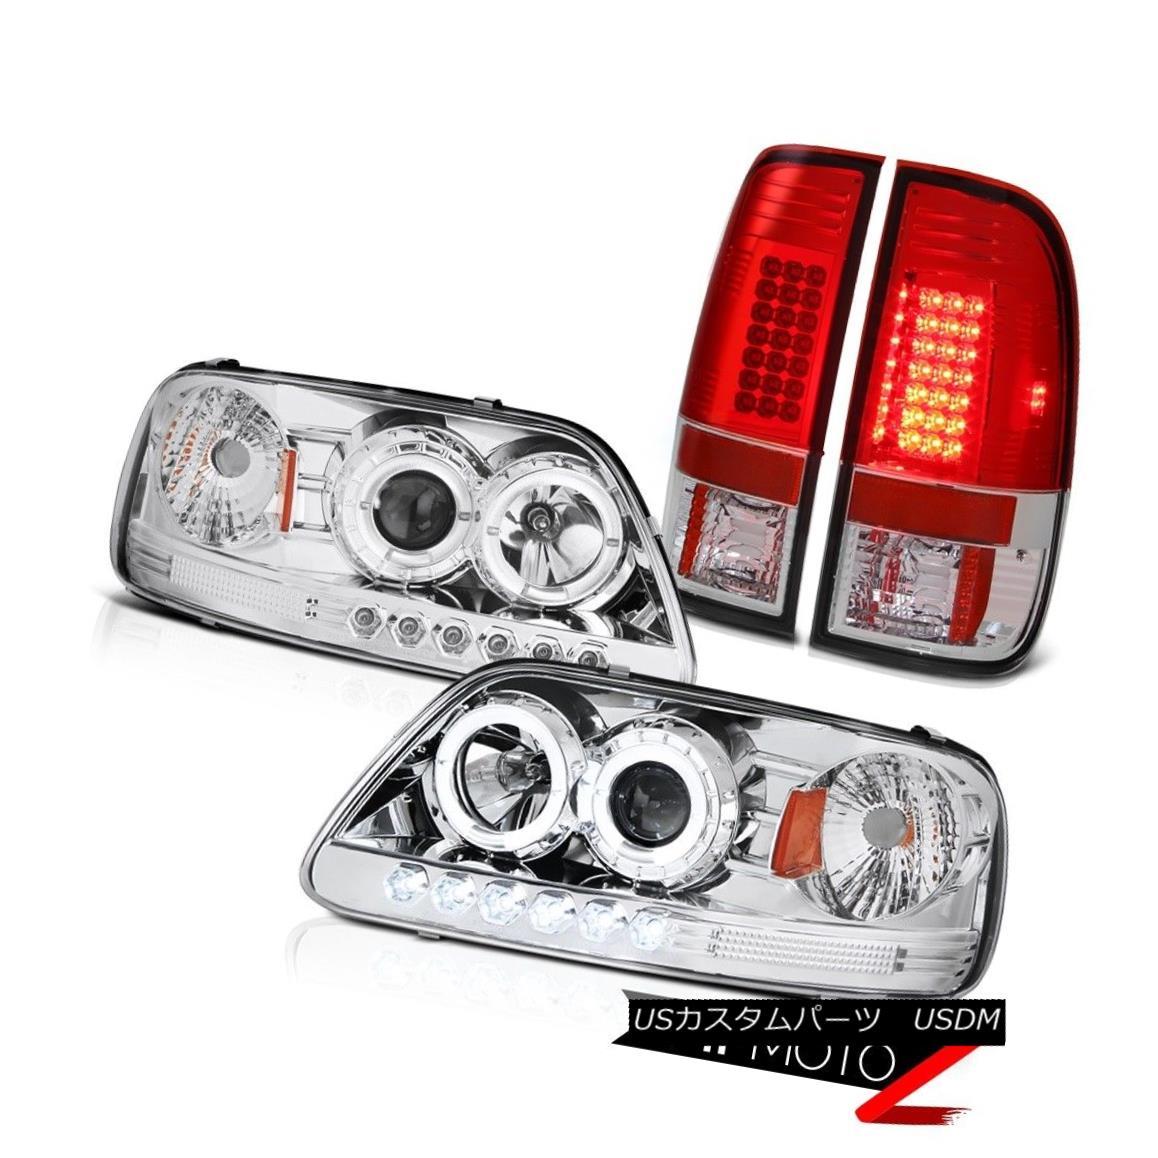 テールライト FORD F150 1999 2000 2001 Clear Halo Angel Eye Headlight BRIGHTEST LED Tail Light フォードF150 1999 2000 2001クリアヘリオエンジェルアイヘッドライトBRIGHTEST LEDテールライト